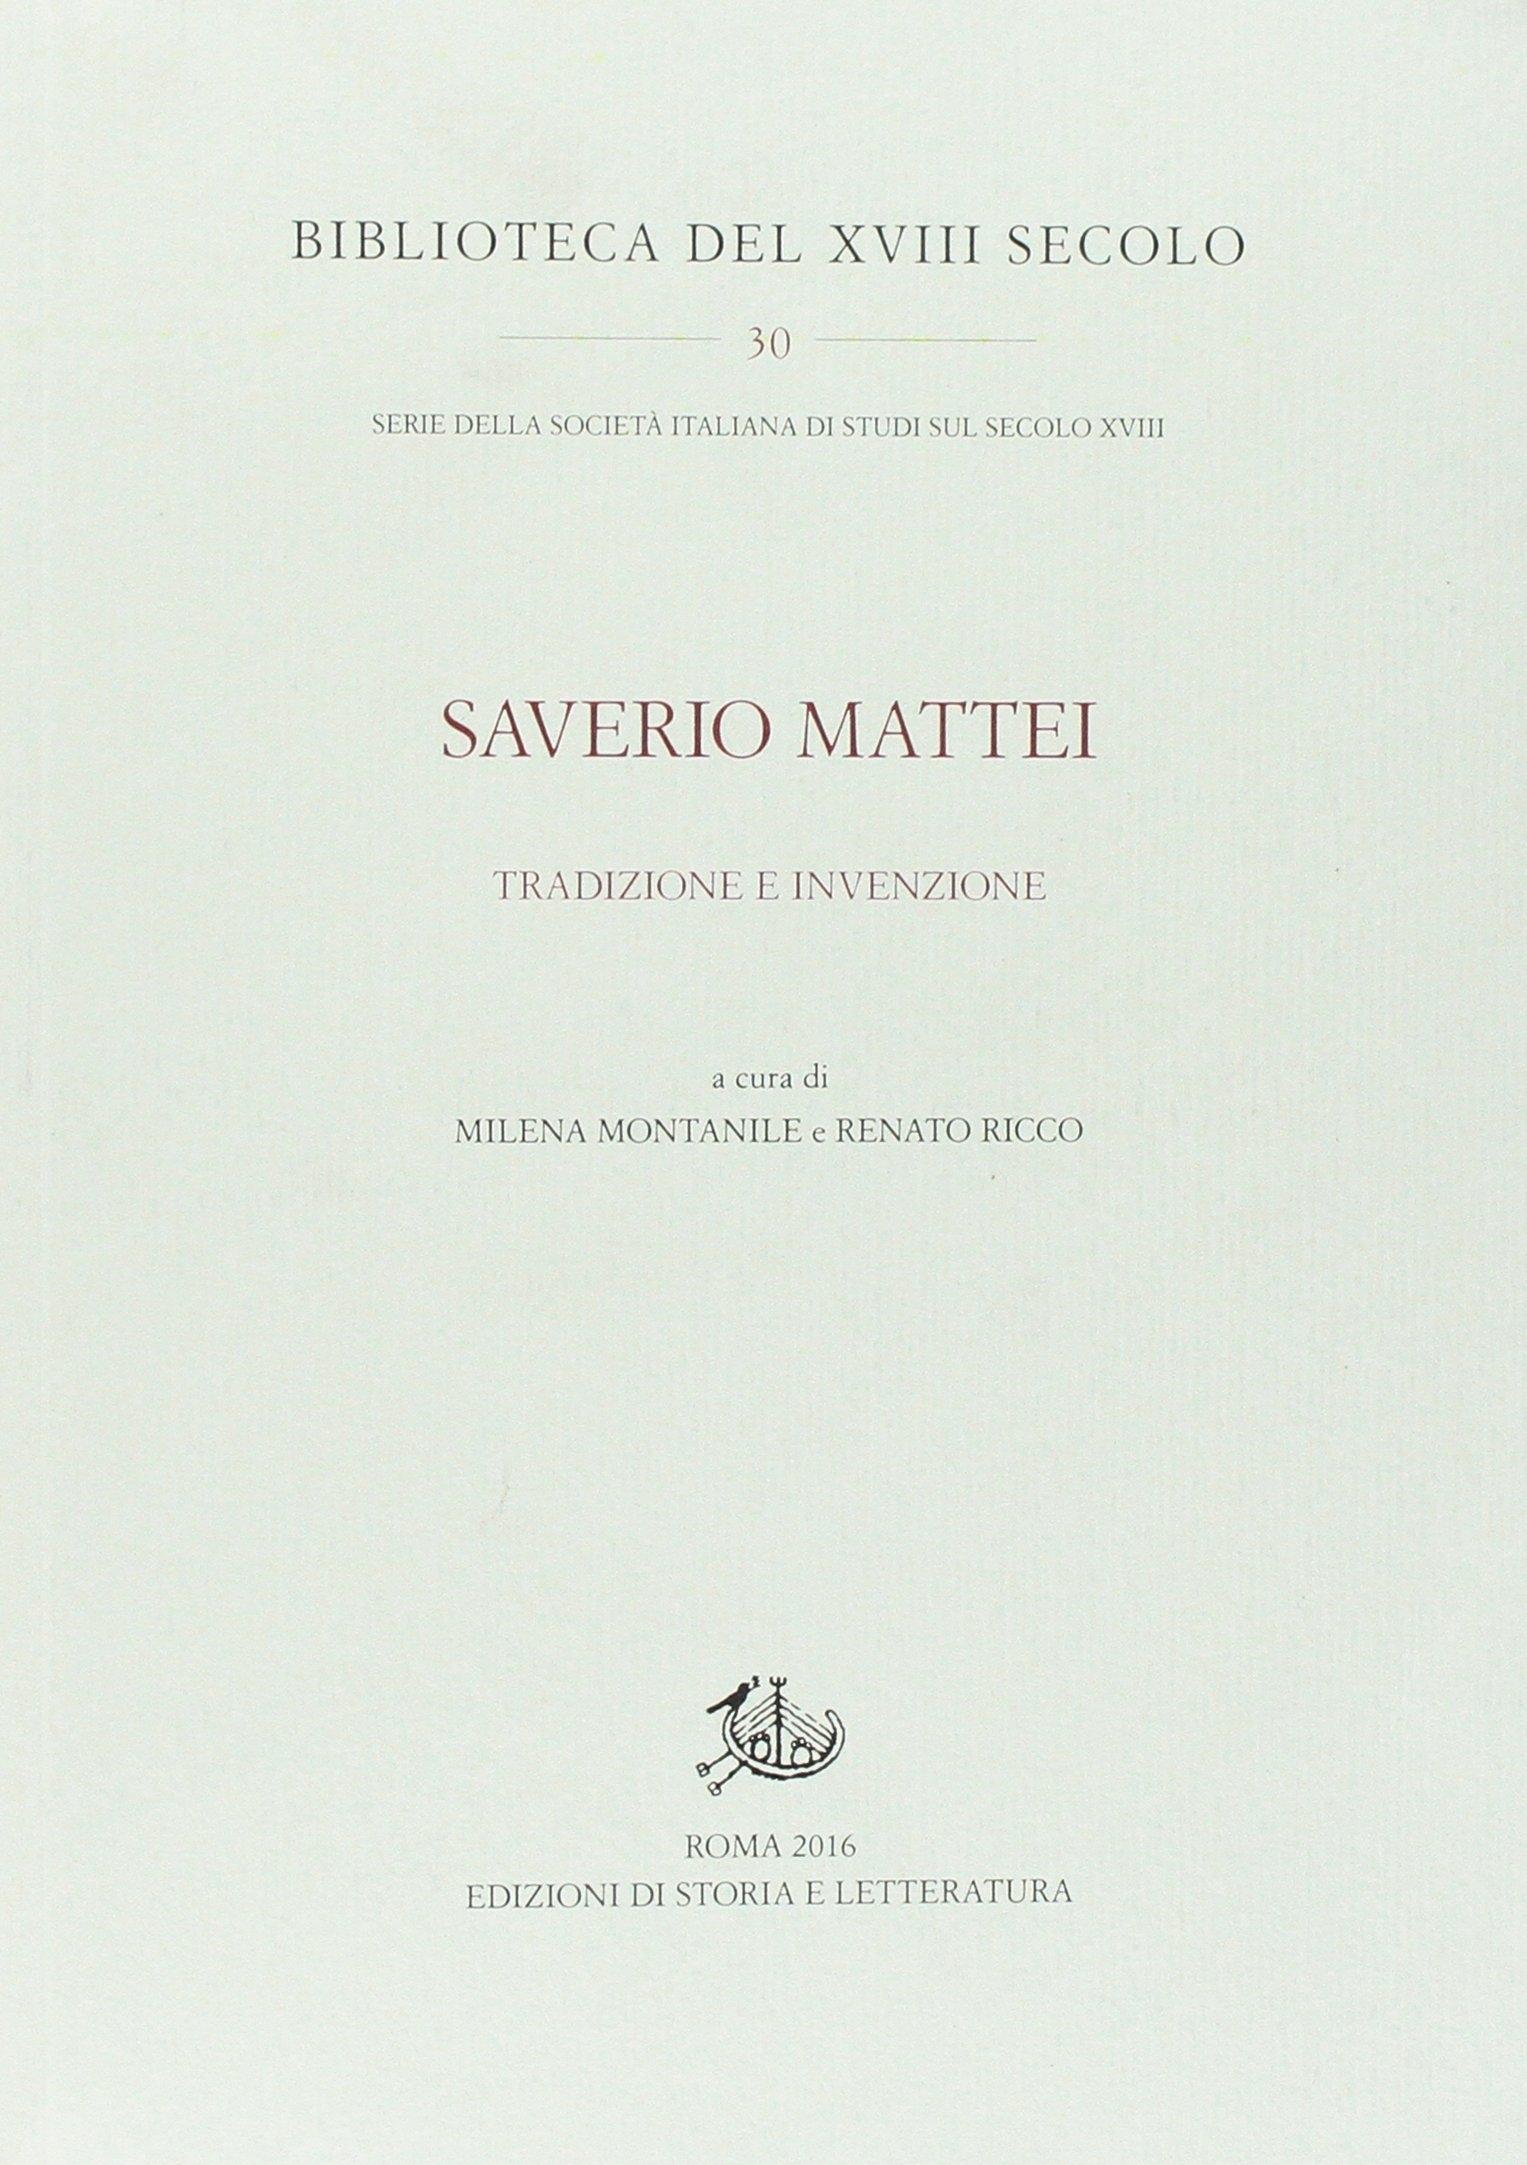 Saverio Mattei. Tradizione ed invenzione.